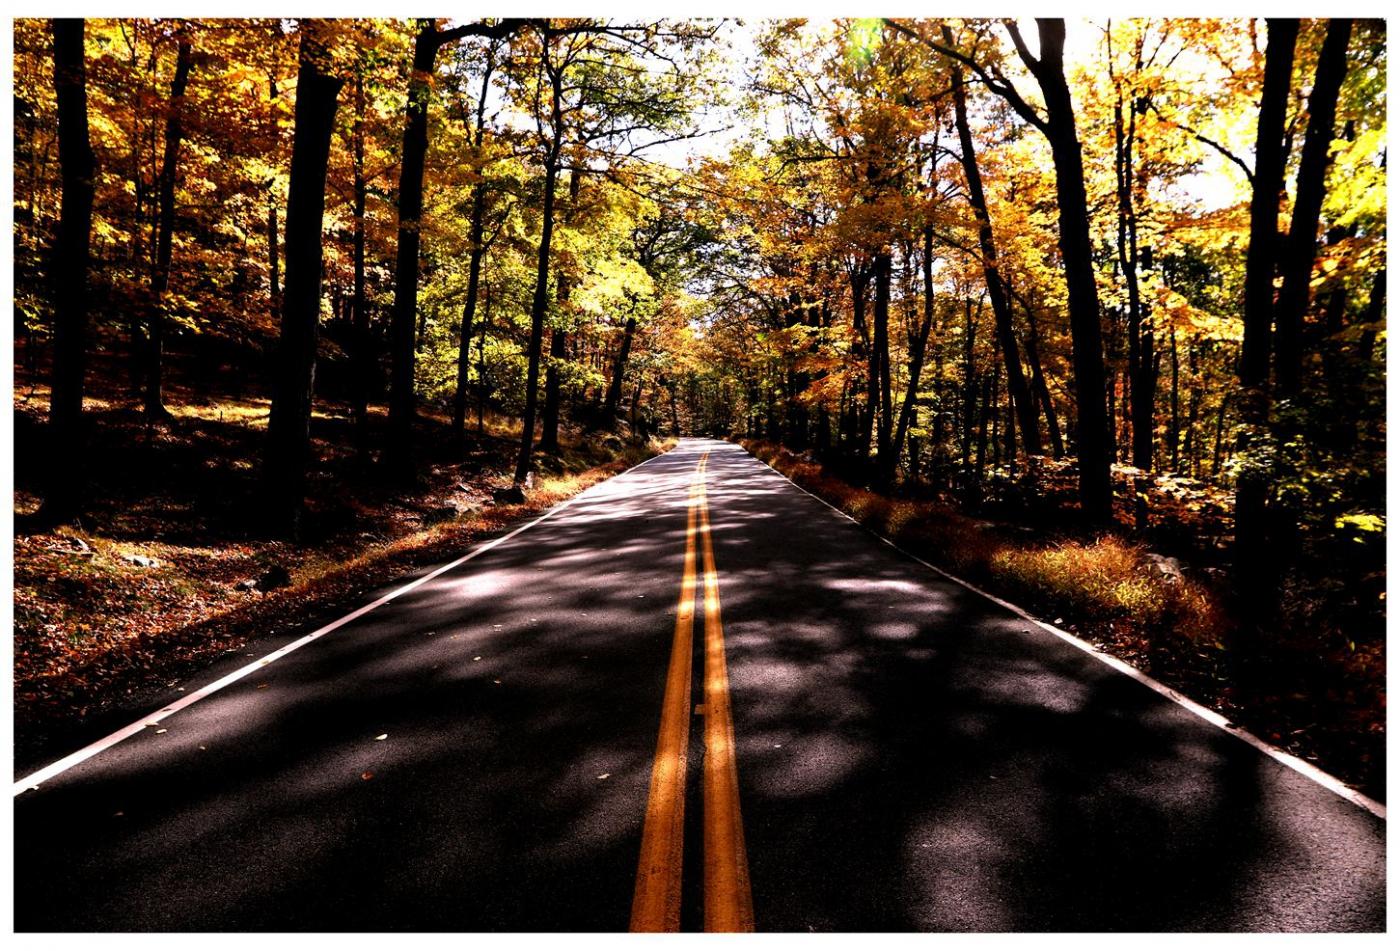 风光] 叶到红时勘比花—实拍美国东部深秋红叶_图1-6